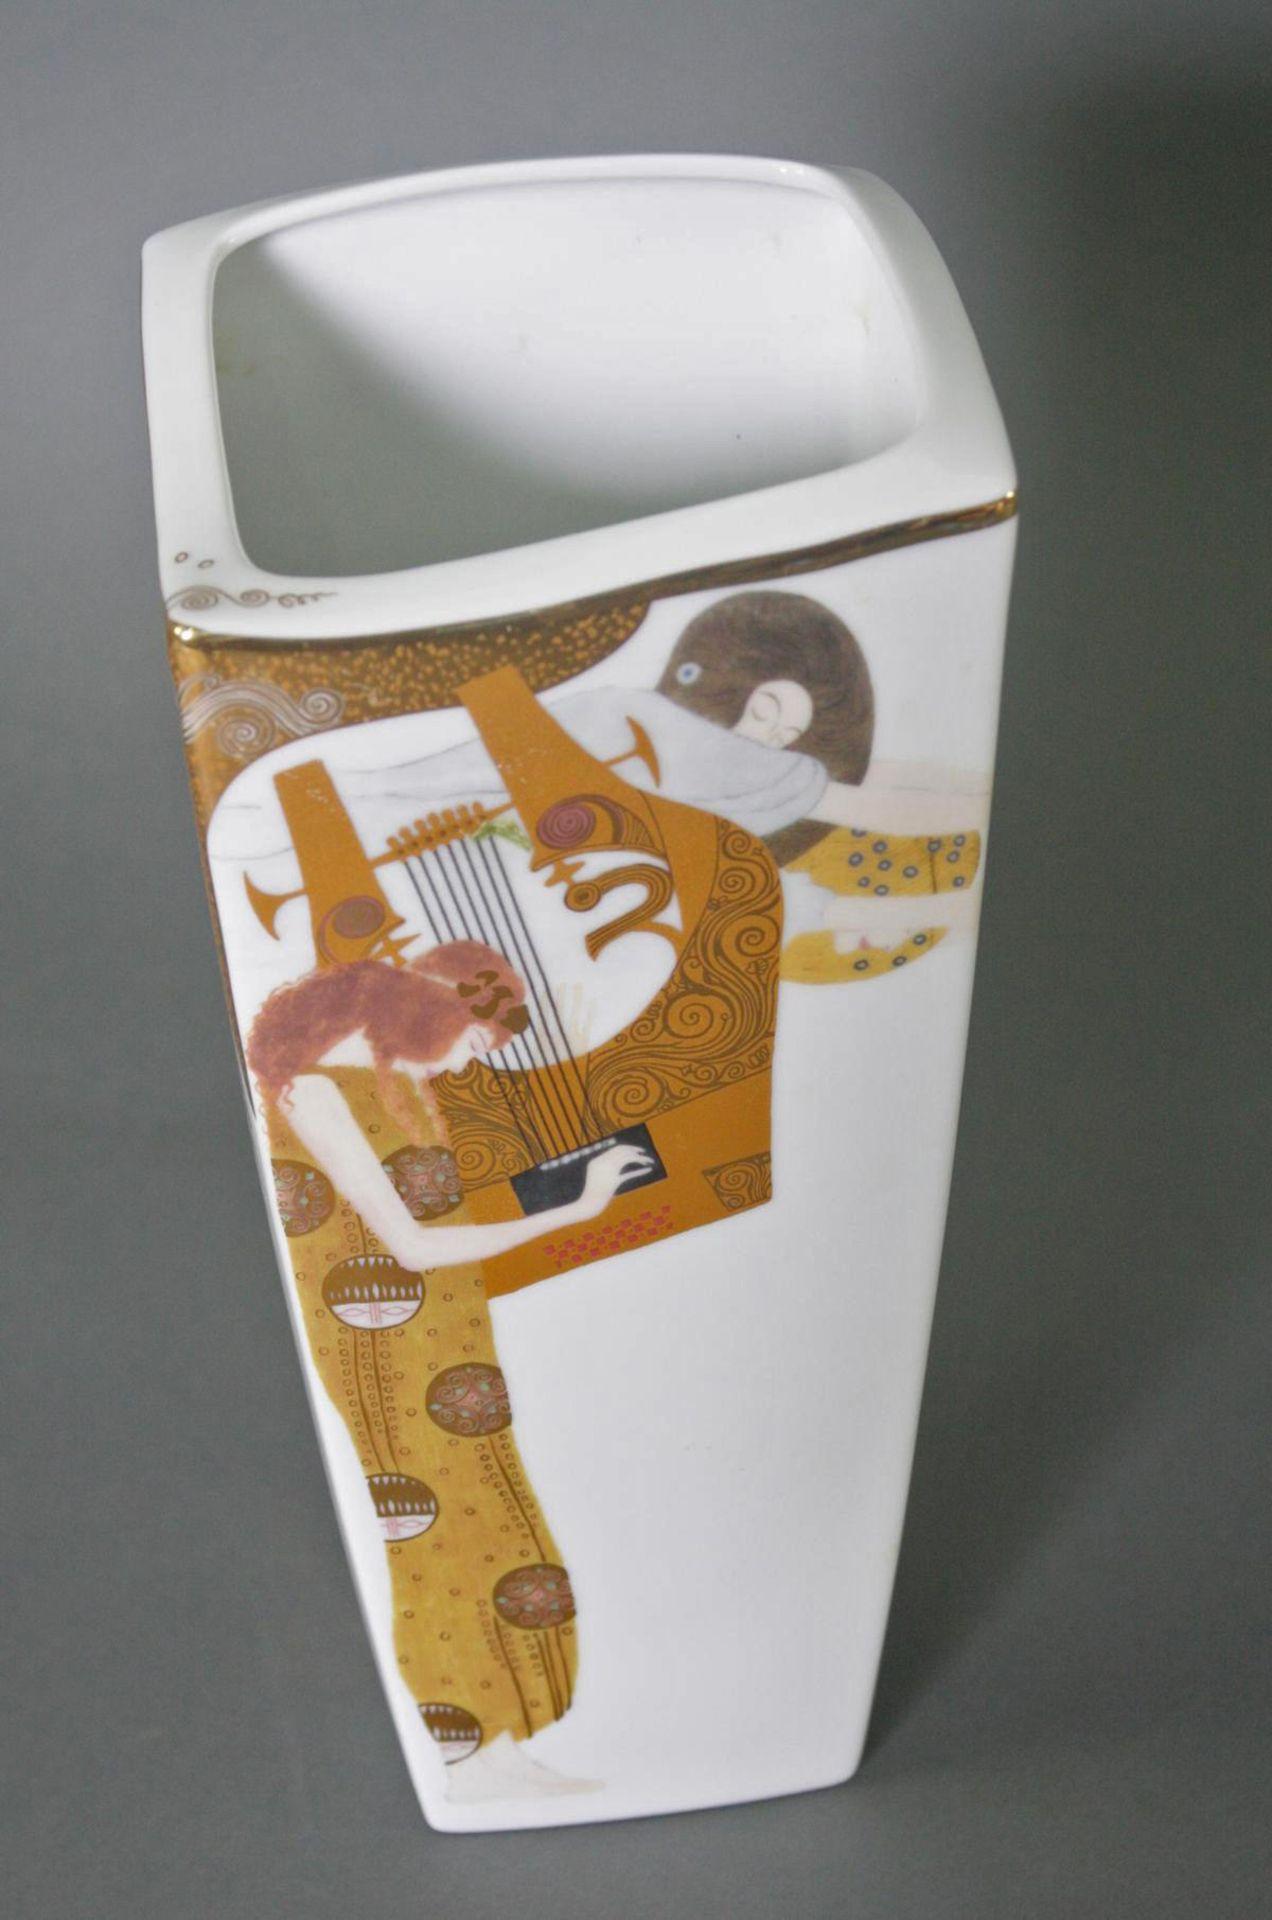 Zwei Goebel Artis Orbis Gustav Klimt Vasen. Porzellan und Glas - Bild 3 aus 7